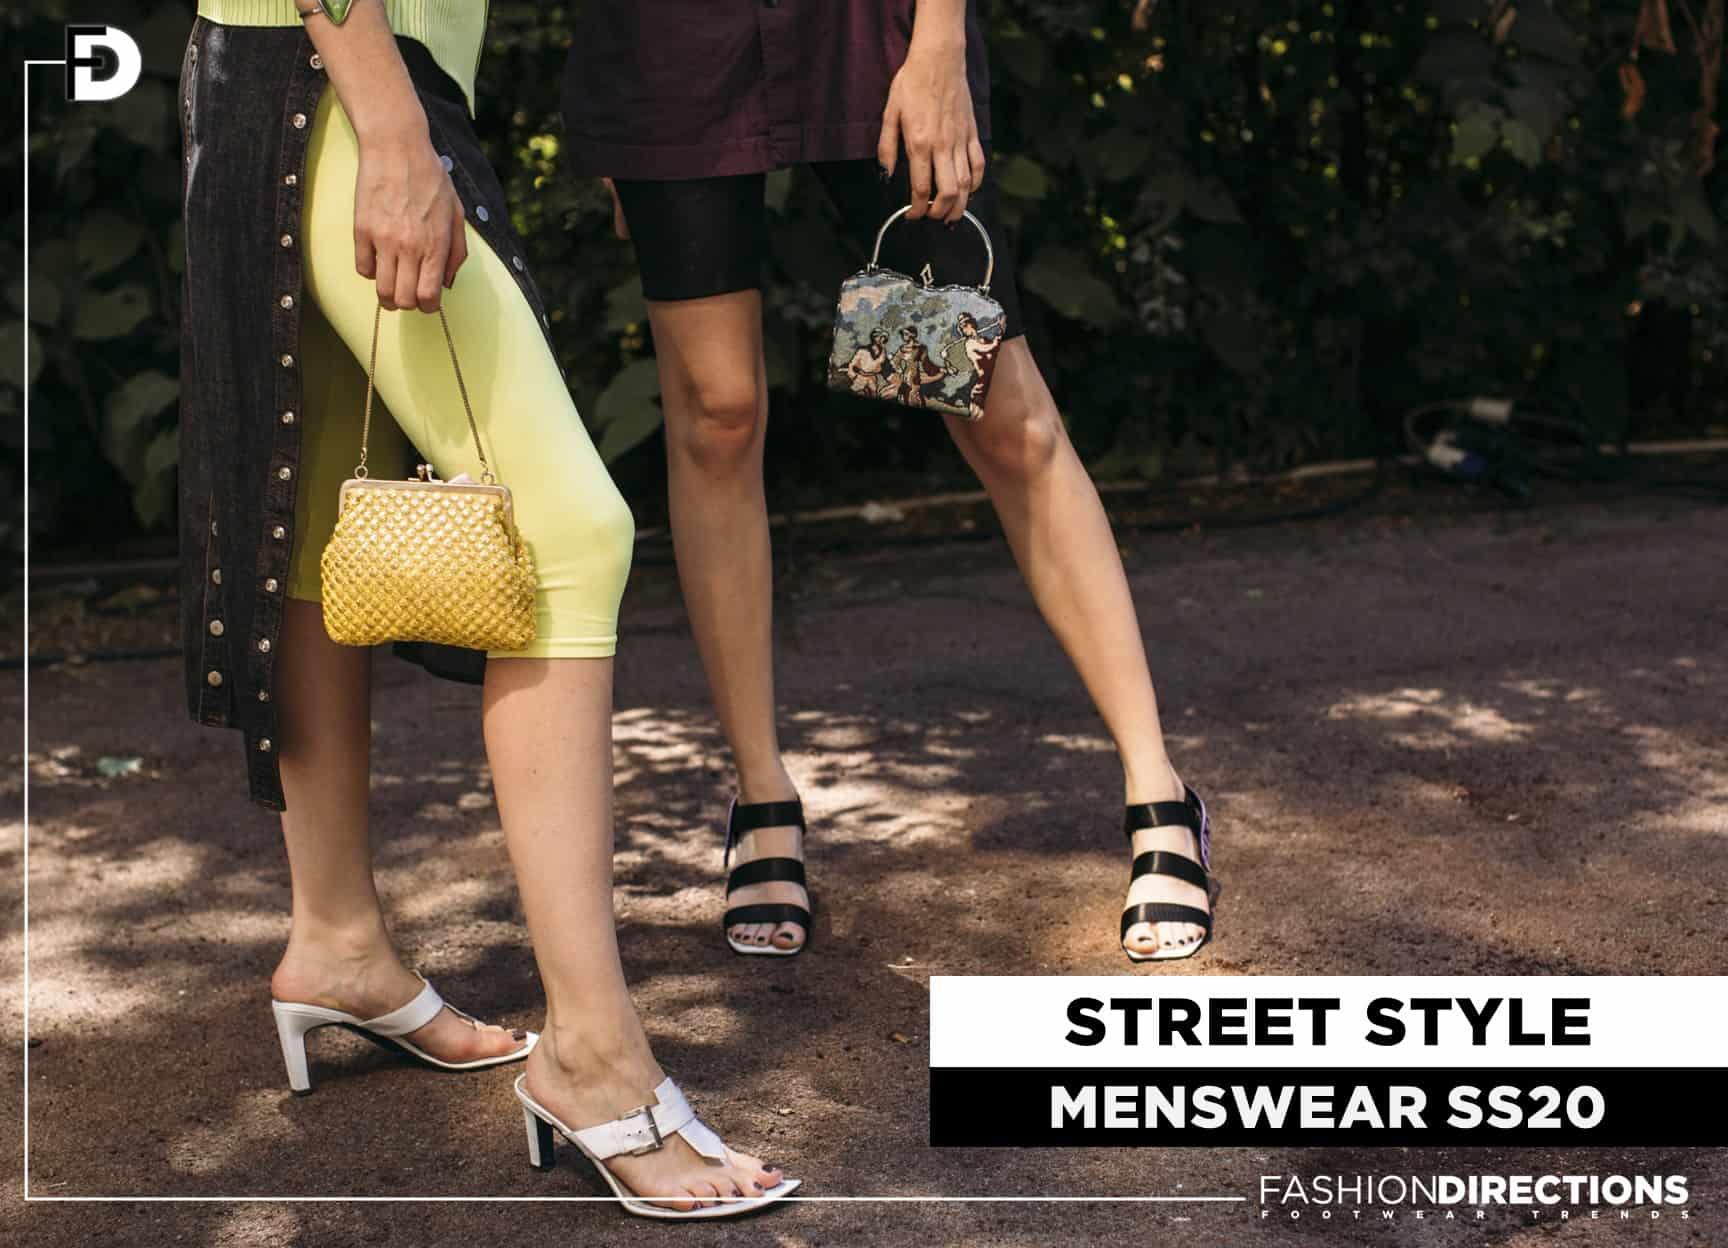 Street style menswear SS20 1